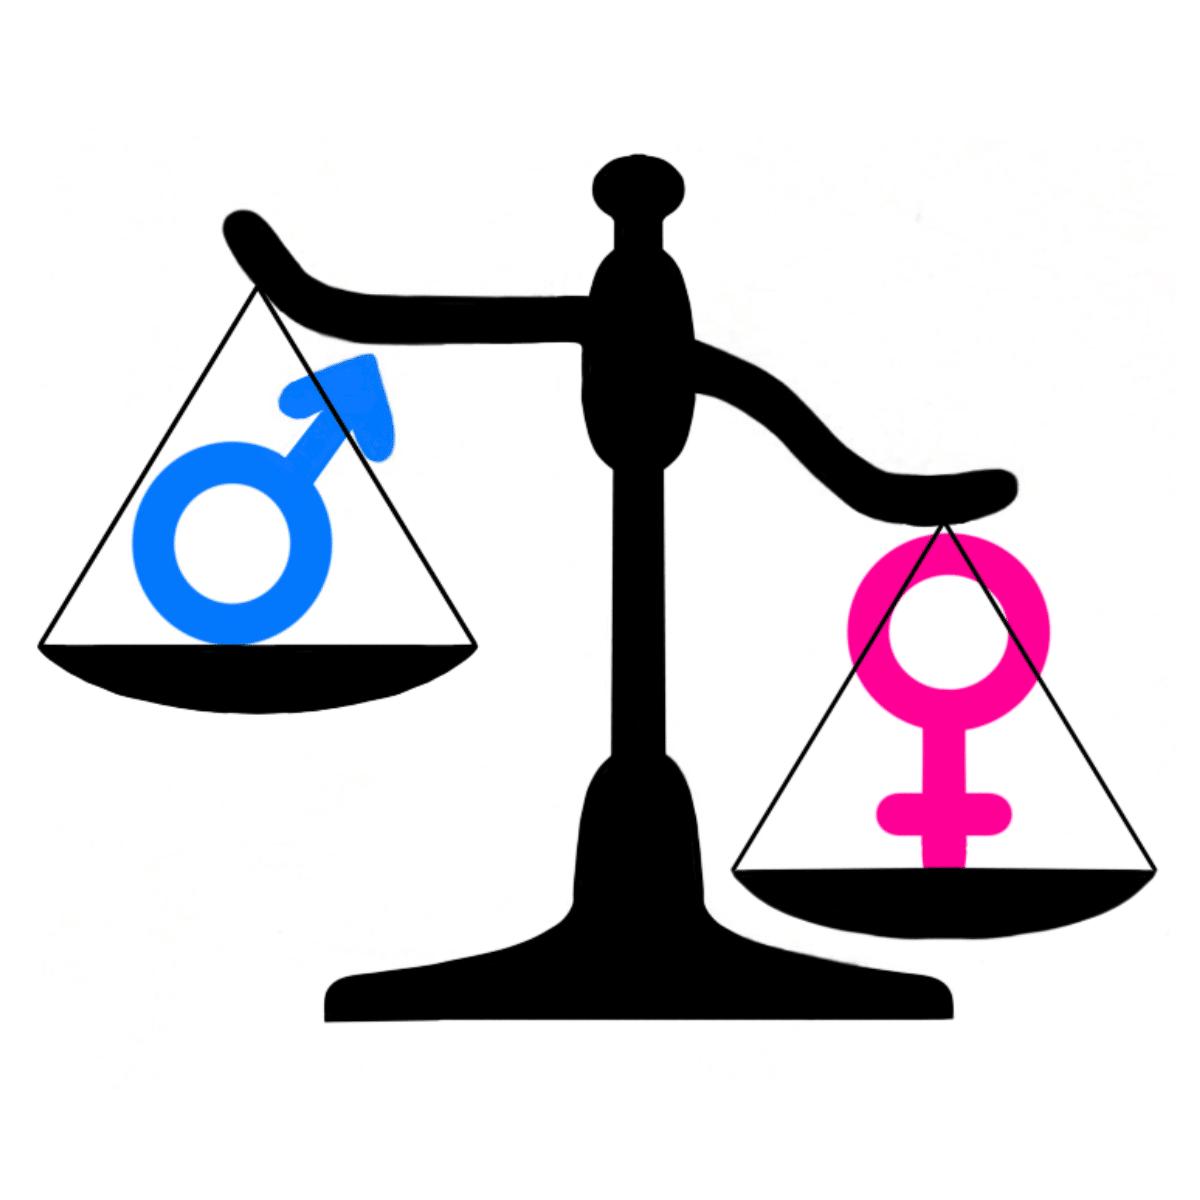 Balanza donde están los símbolos femeninos y masculinos y pesa más el femenino.